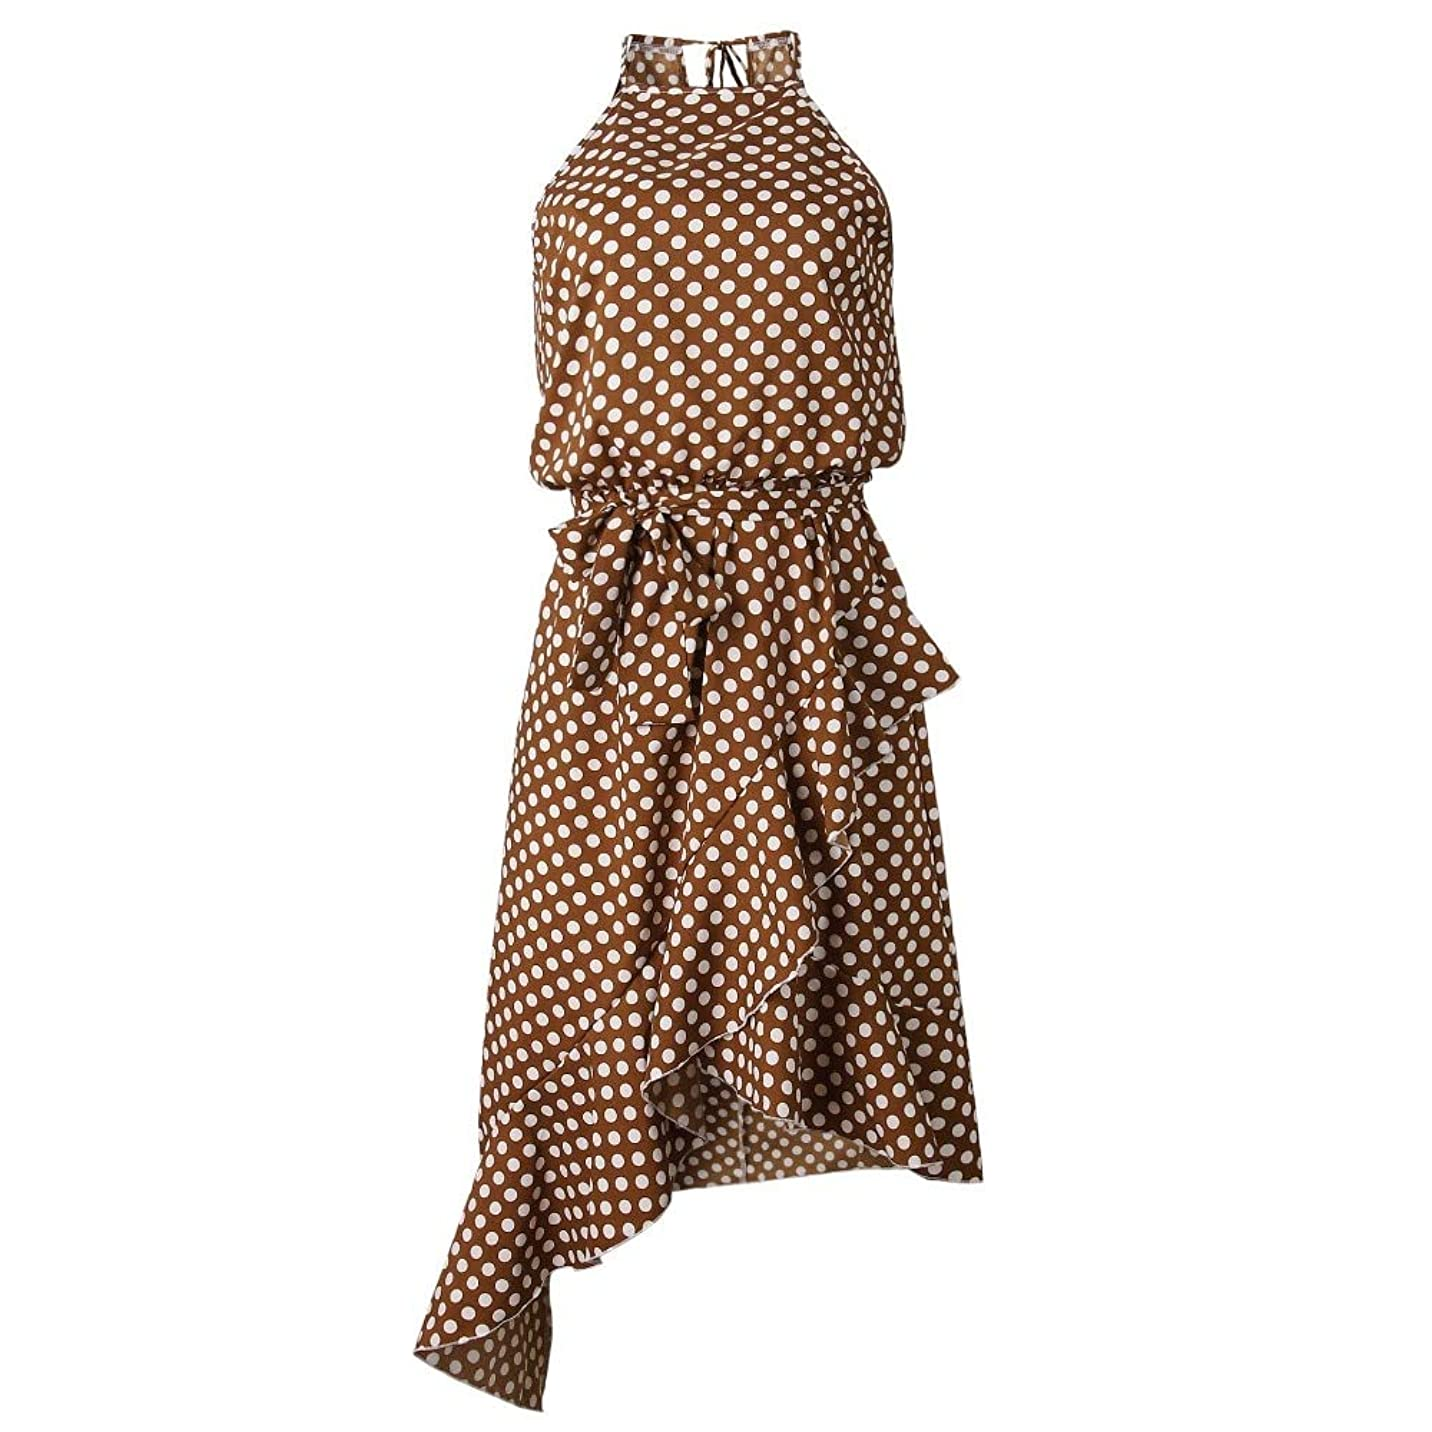 プレゼントつぶすそうでなければMaxcrestas - 夏のドレスの女性の新しいファッションホルターポルカドットプリントカジュアルドレスレディースフリルエレガントなドレス